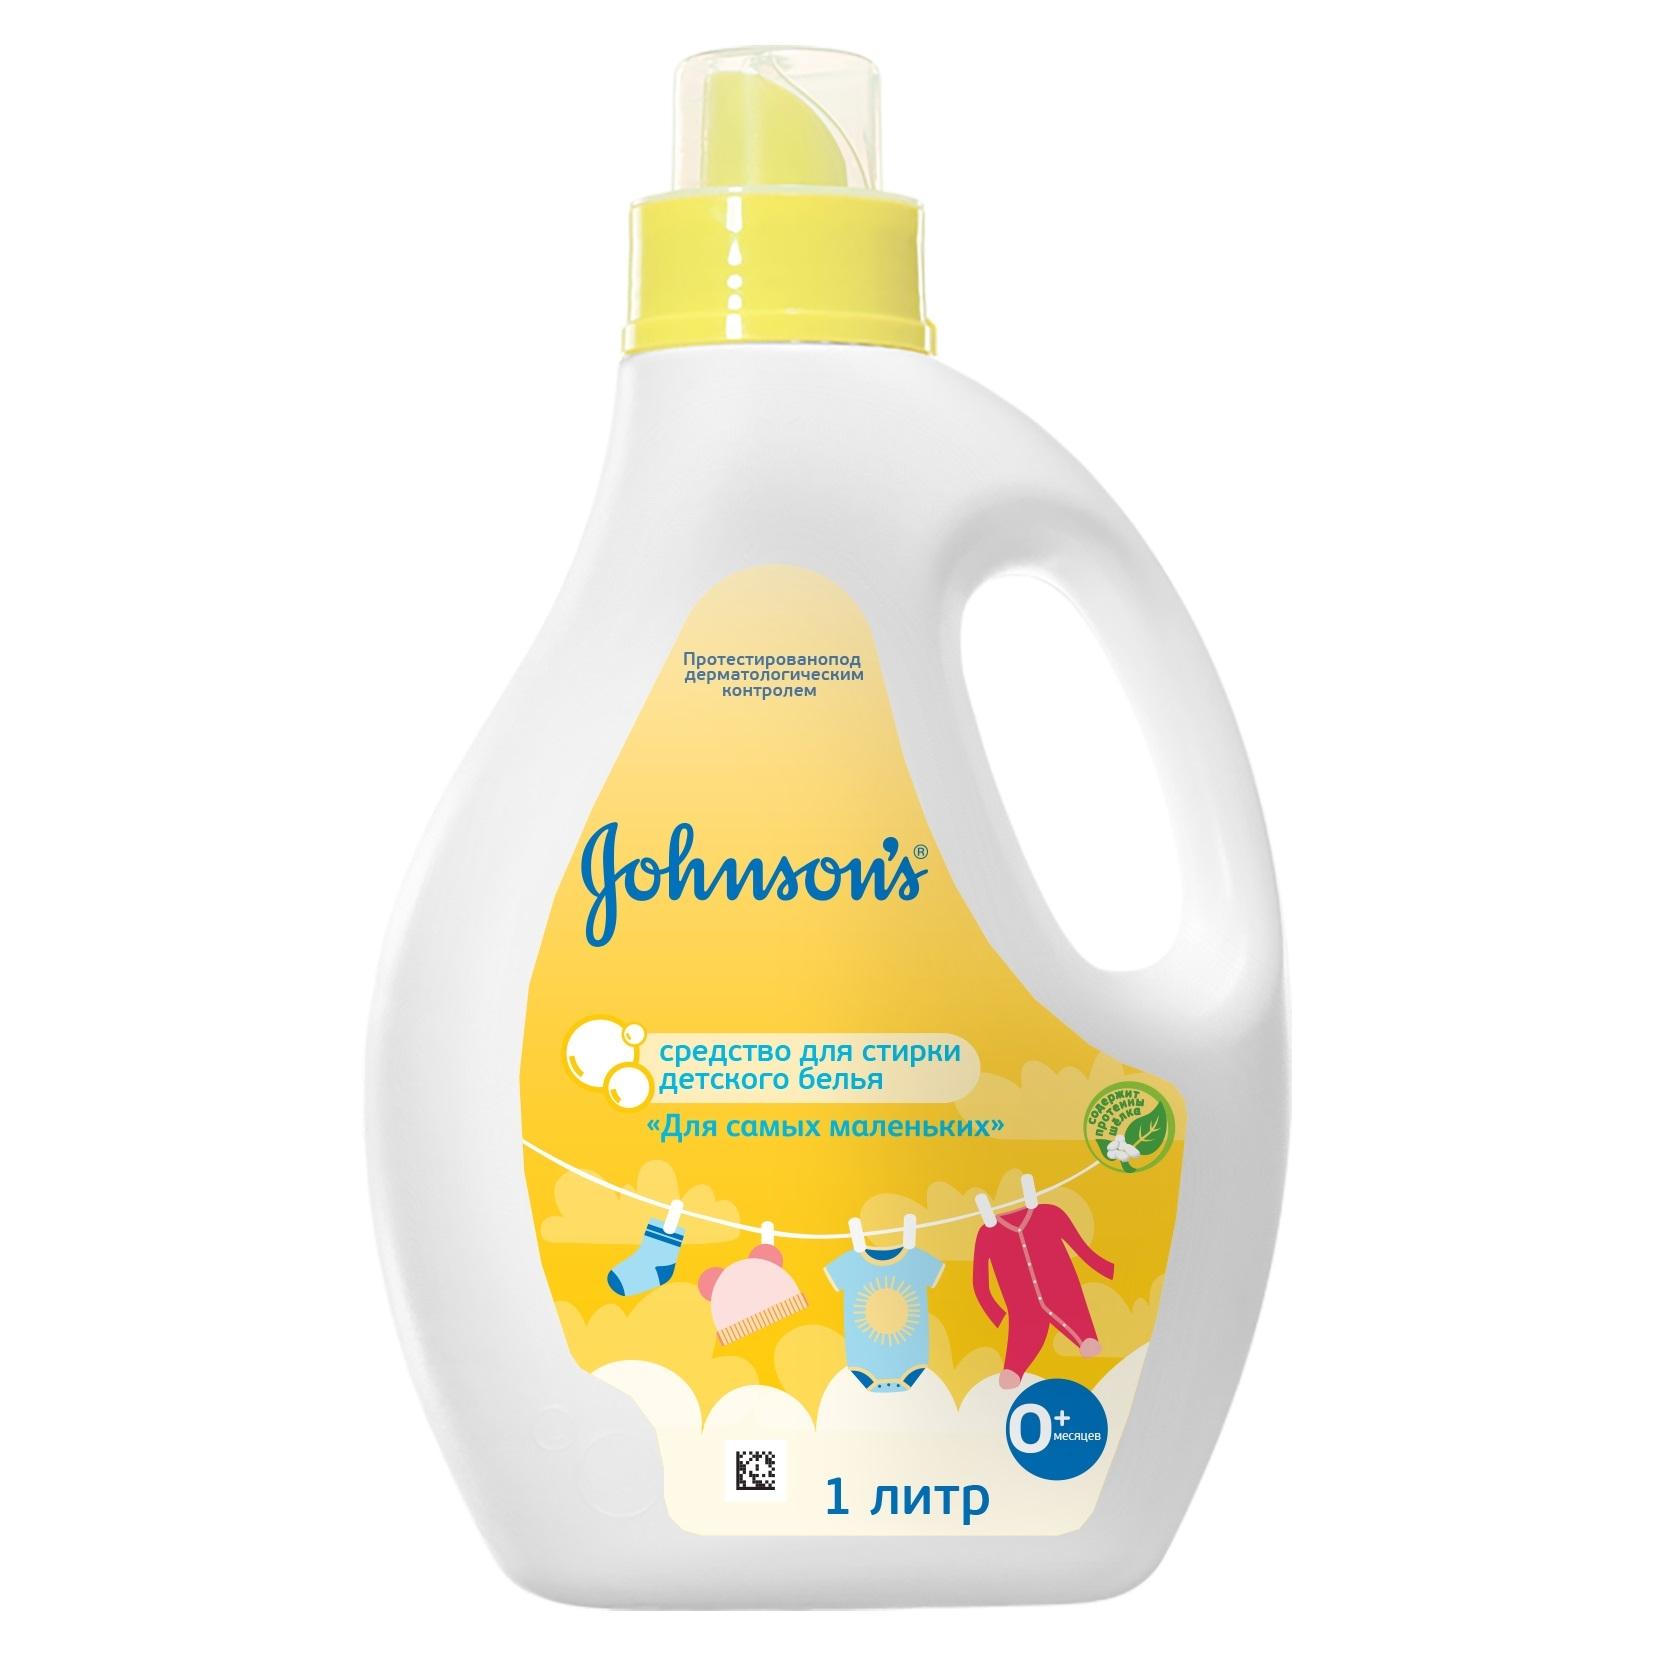 Средство для стирки детского белья Johnson's baby Для самых маленьких 1 л средство для стирки детского белья для маленьких непосед 1 л johnsons baby для стирки